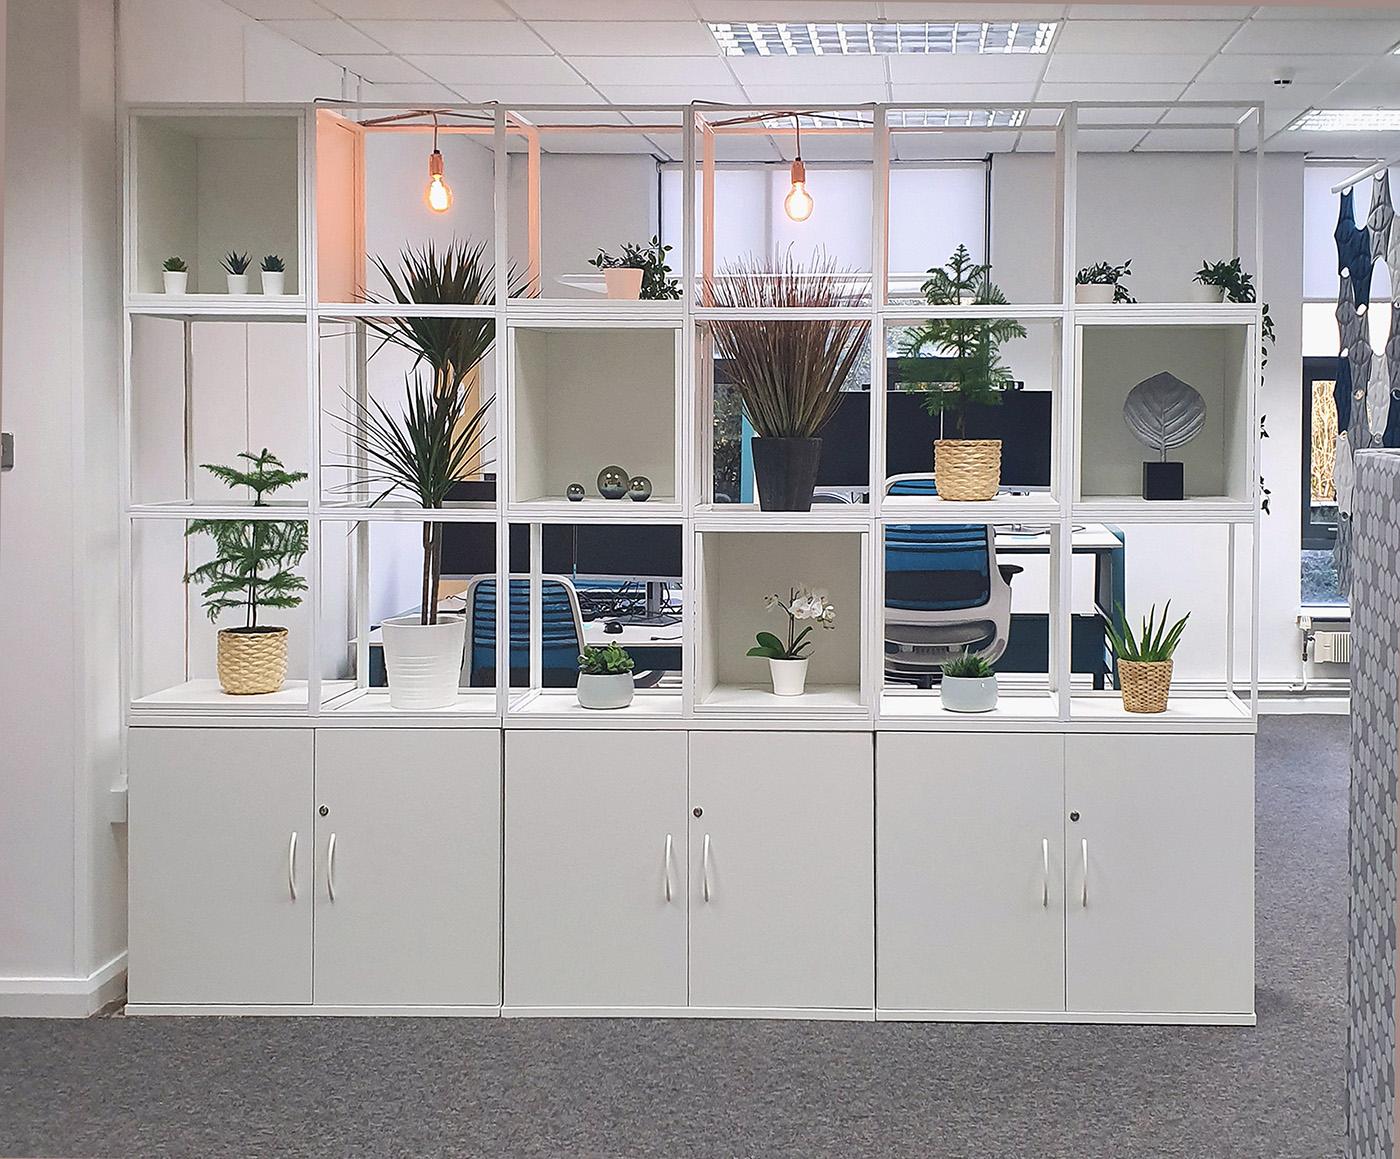 grid, grid storage, box storage, storage cubes, modular storage, white MFC, white office furniture, office storage, home office storage, office storage ideas, cube storage